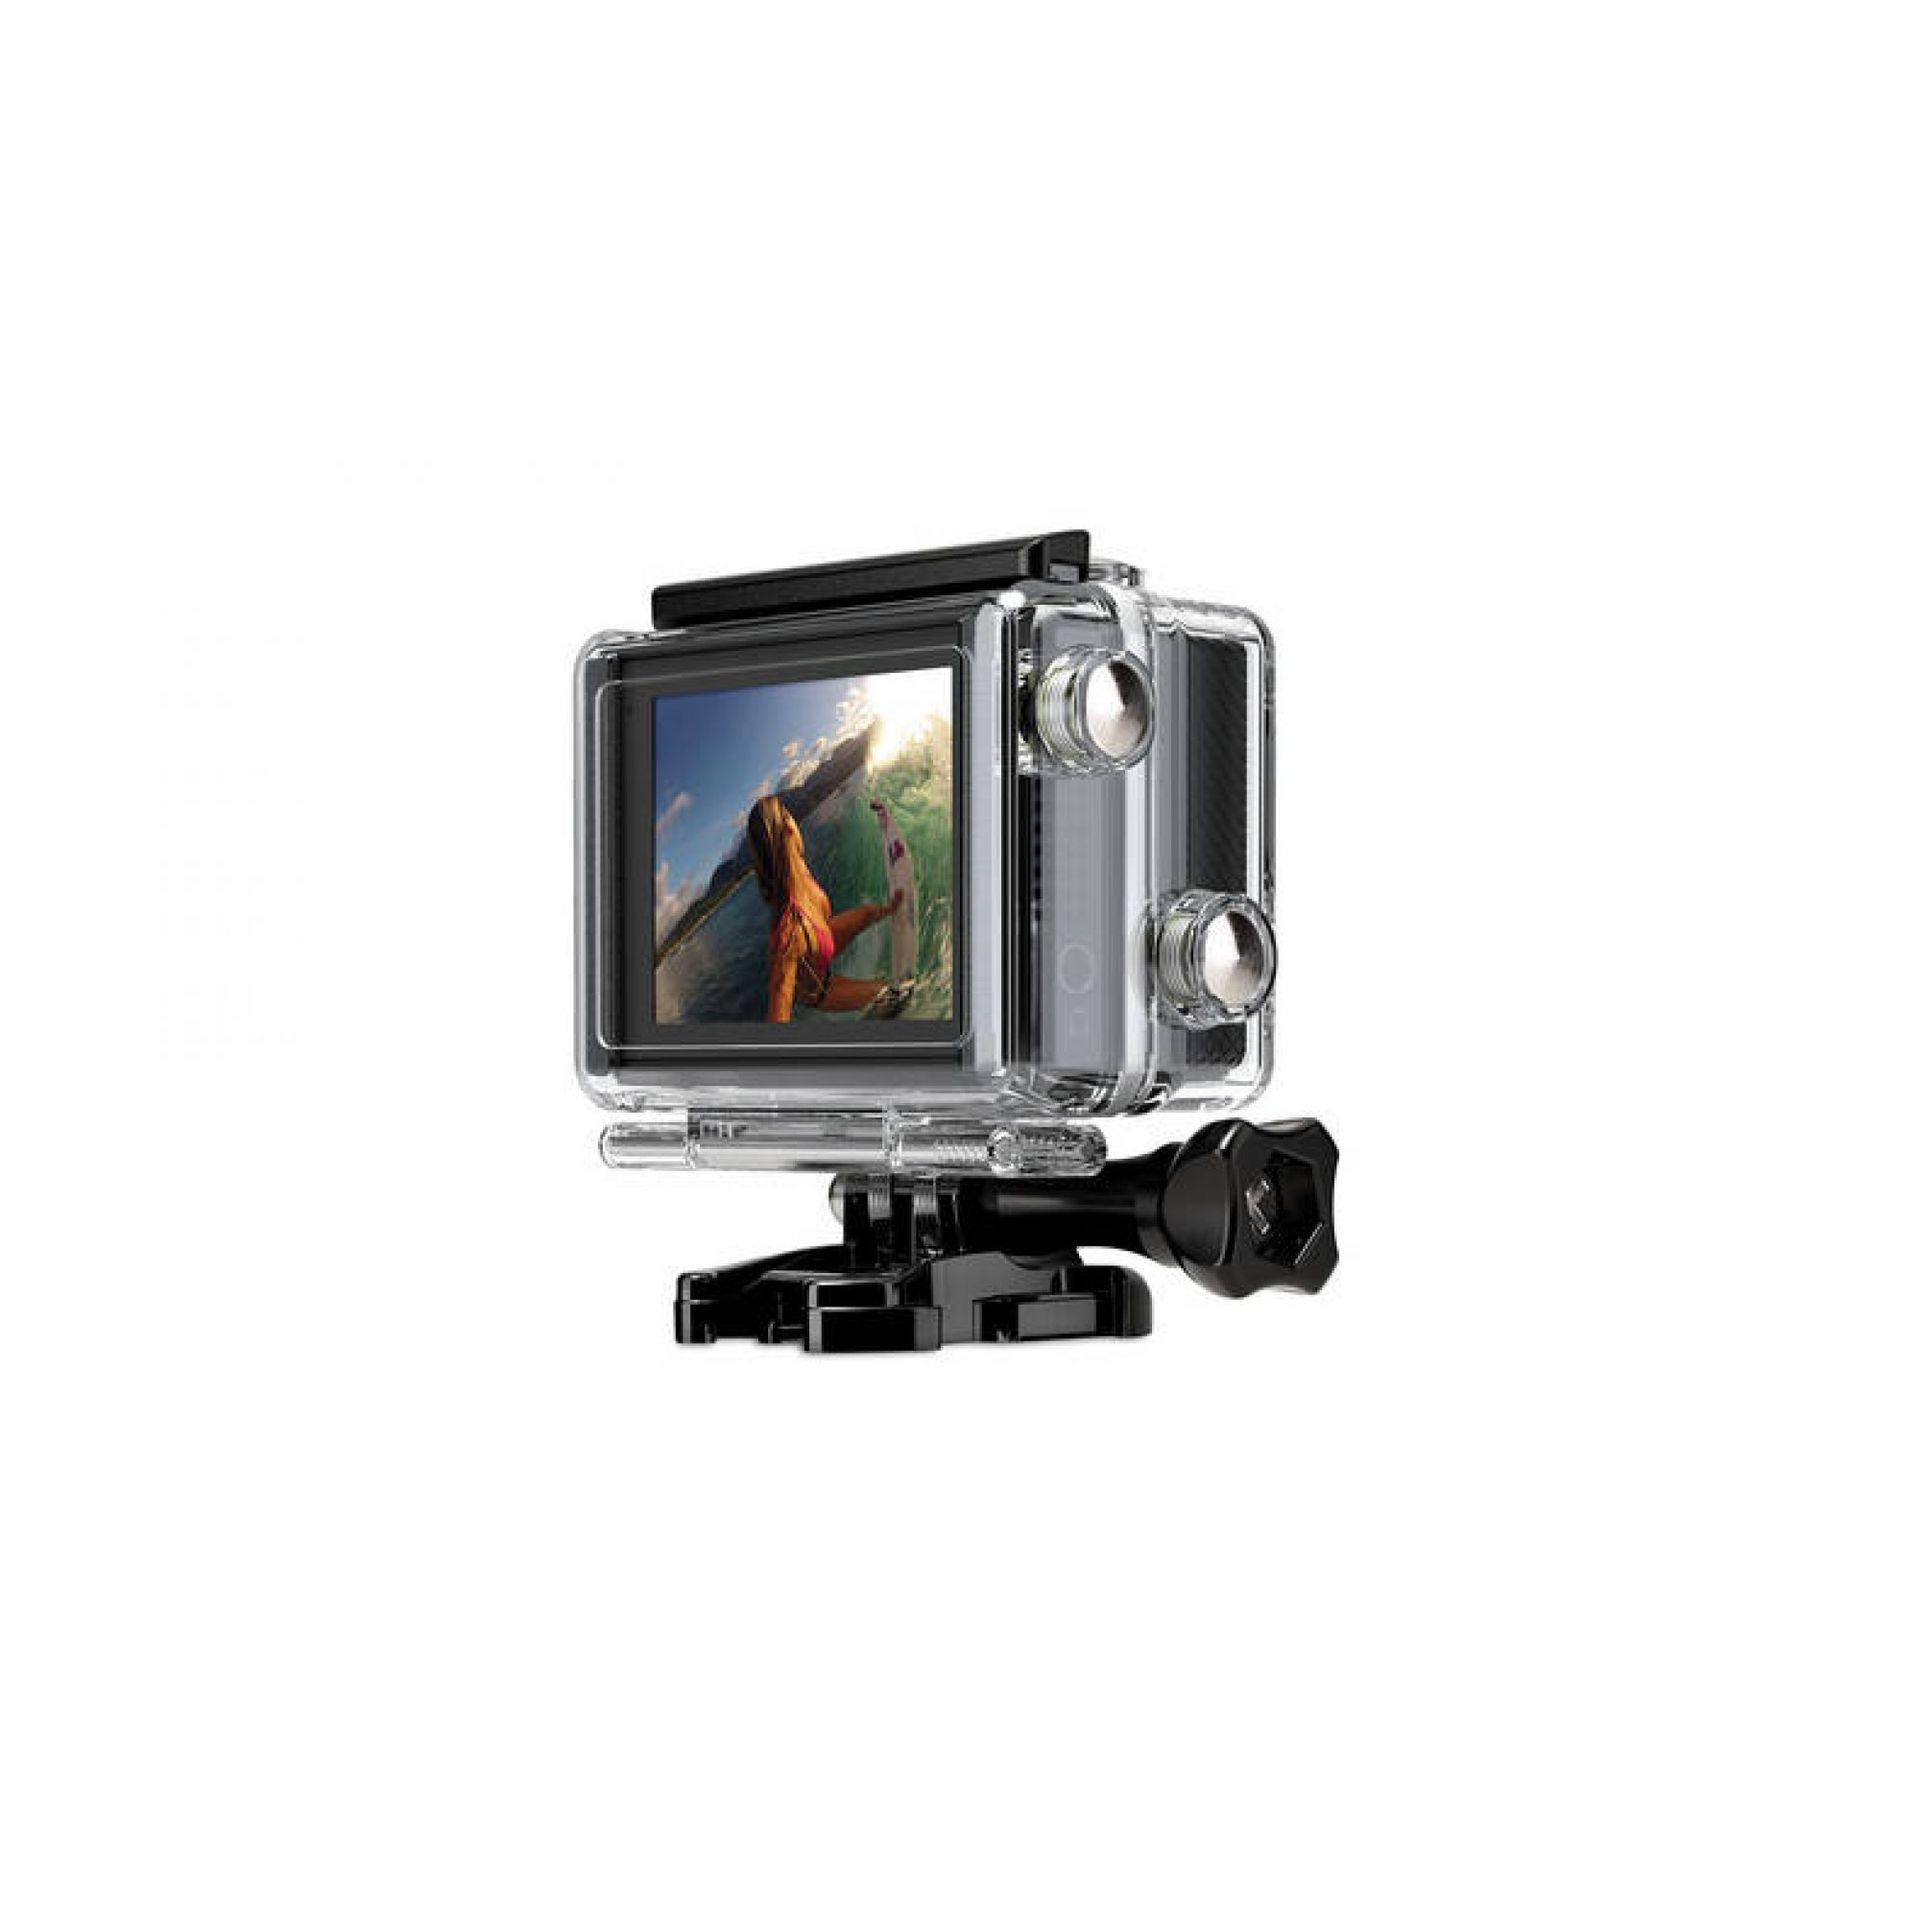 ZEWNĘTRZNY WYŚWIETLACZ DO KAMER GOPRO LCD TOUCH BACPACK ALCDB-303 LTD 3